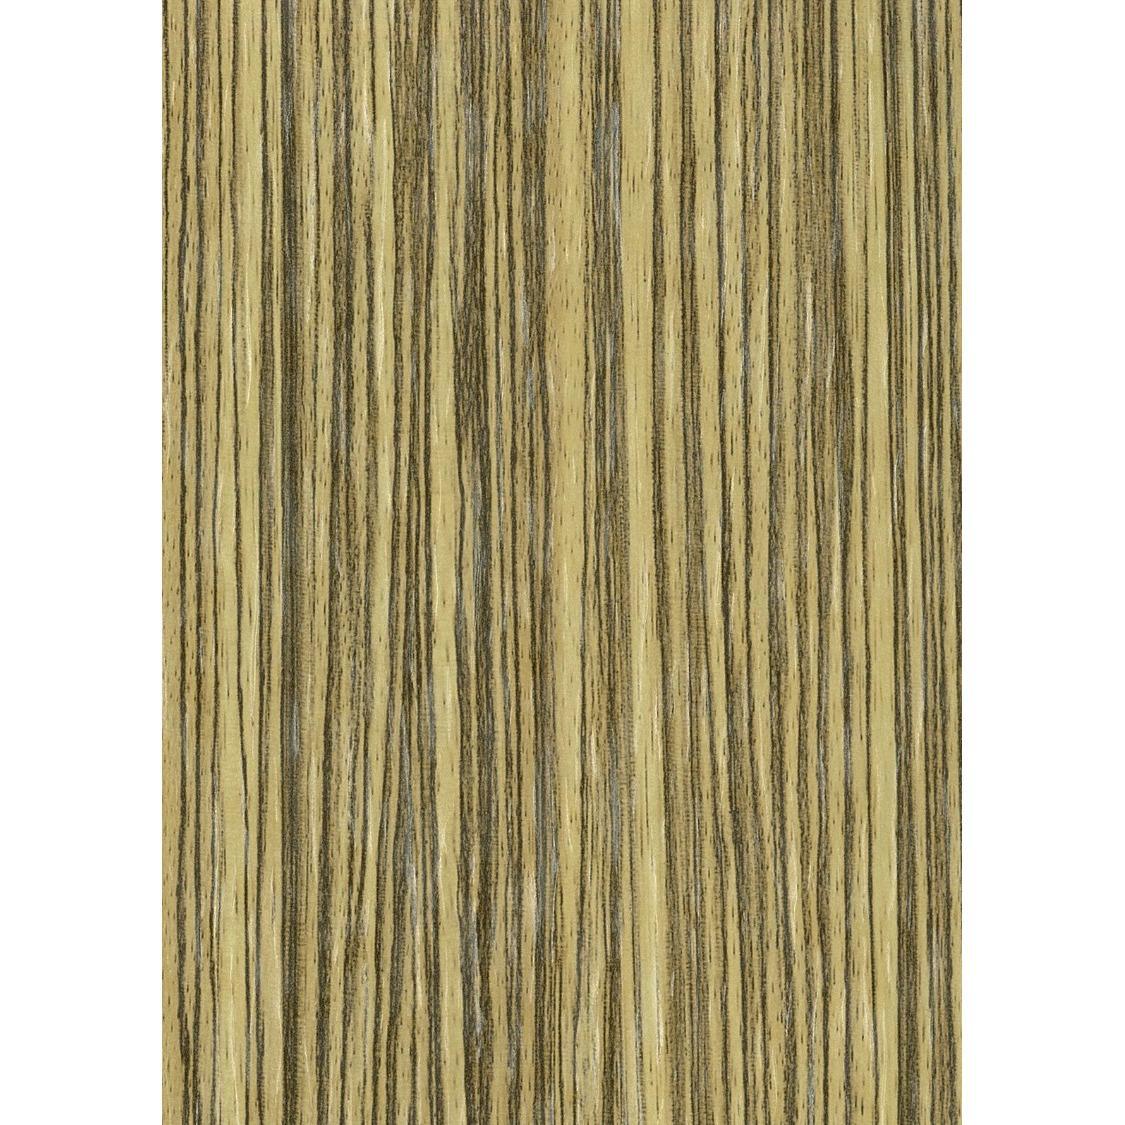 Laminate Sheets 4 x 8 (T) 0.8mm WOL- Affreonna Zebrano